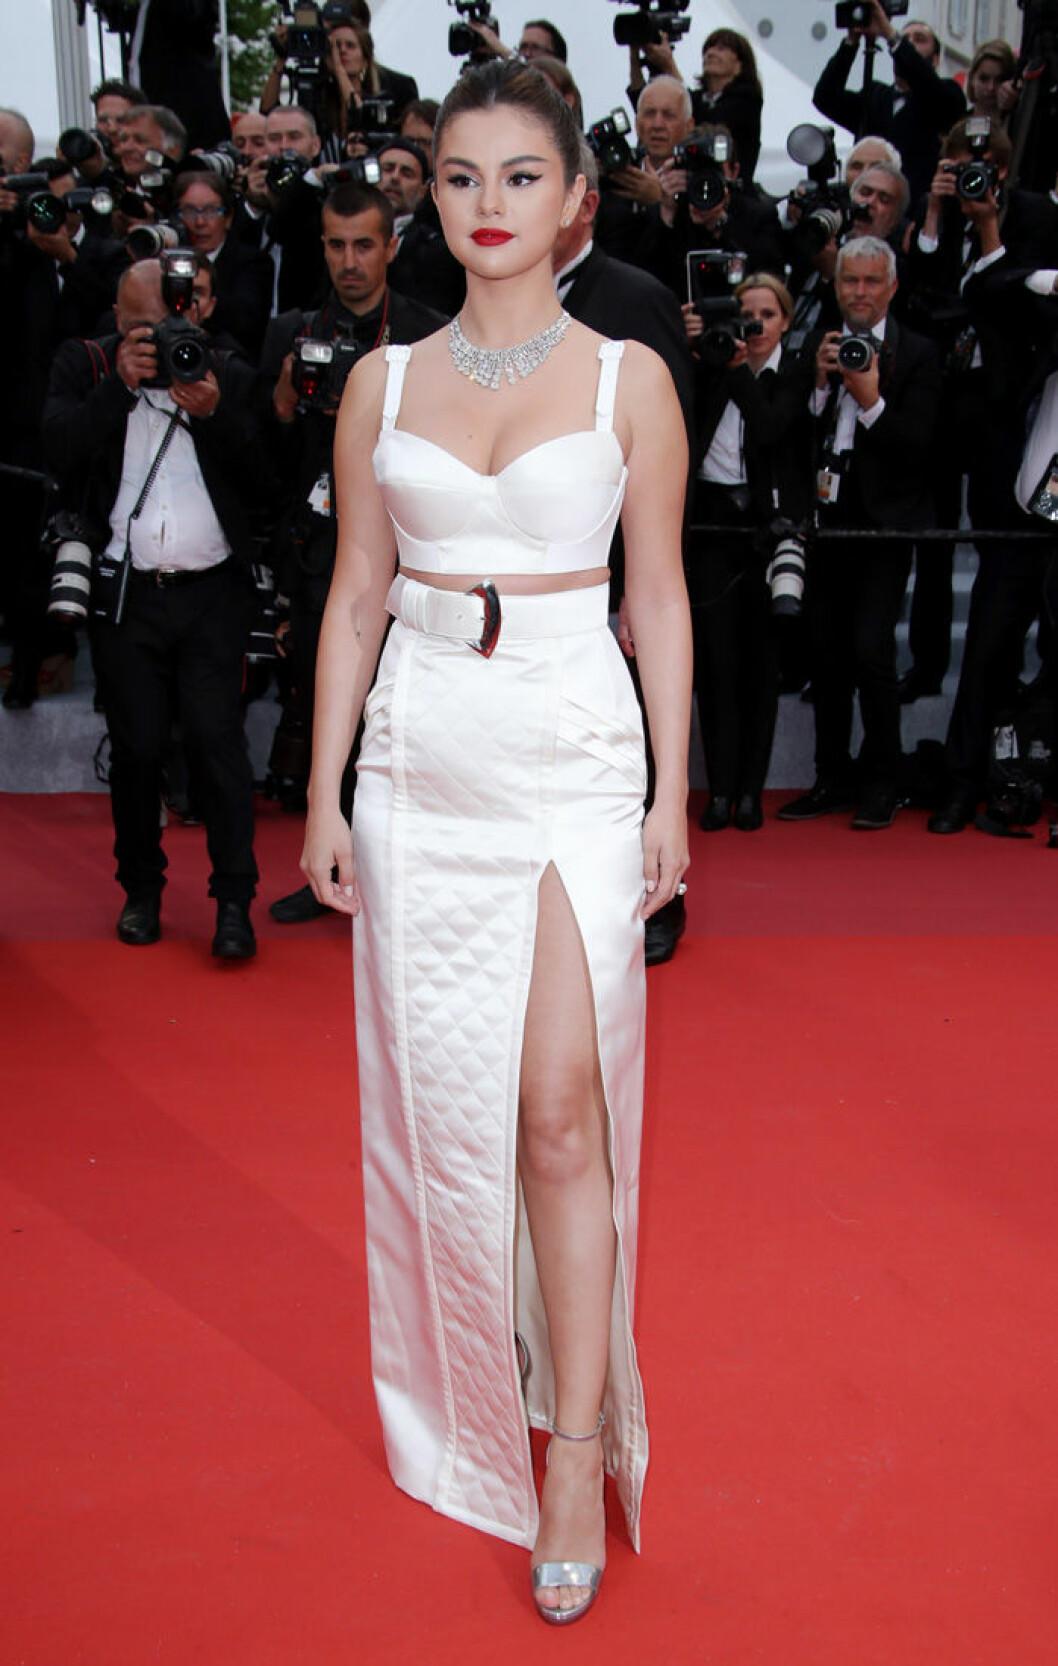 En bild på sångerskan Selena Gomez på filmfestivalen i Cannes 2019.